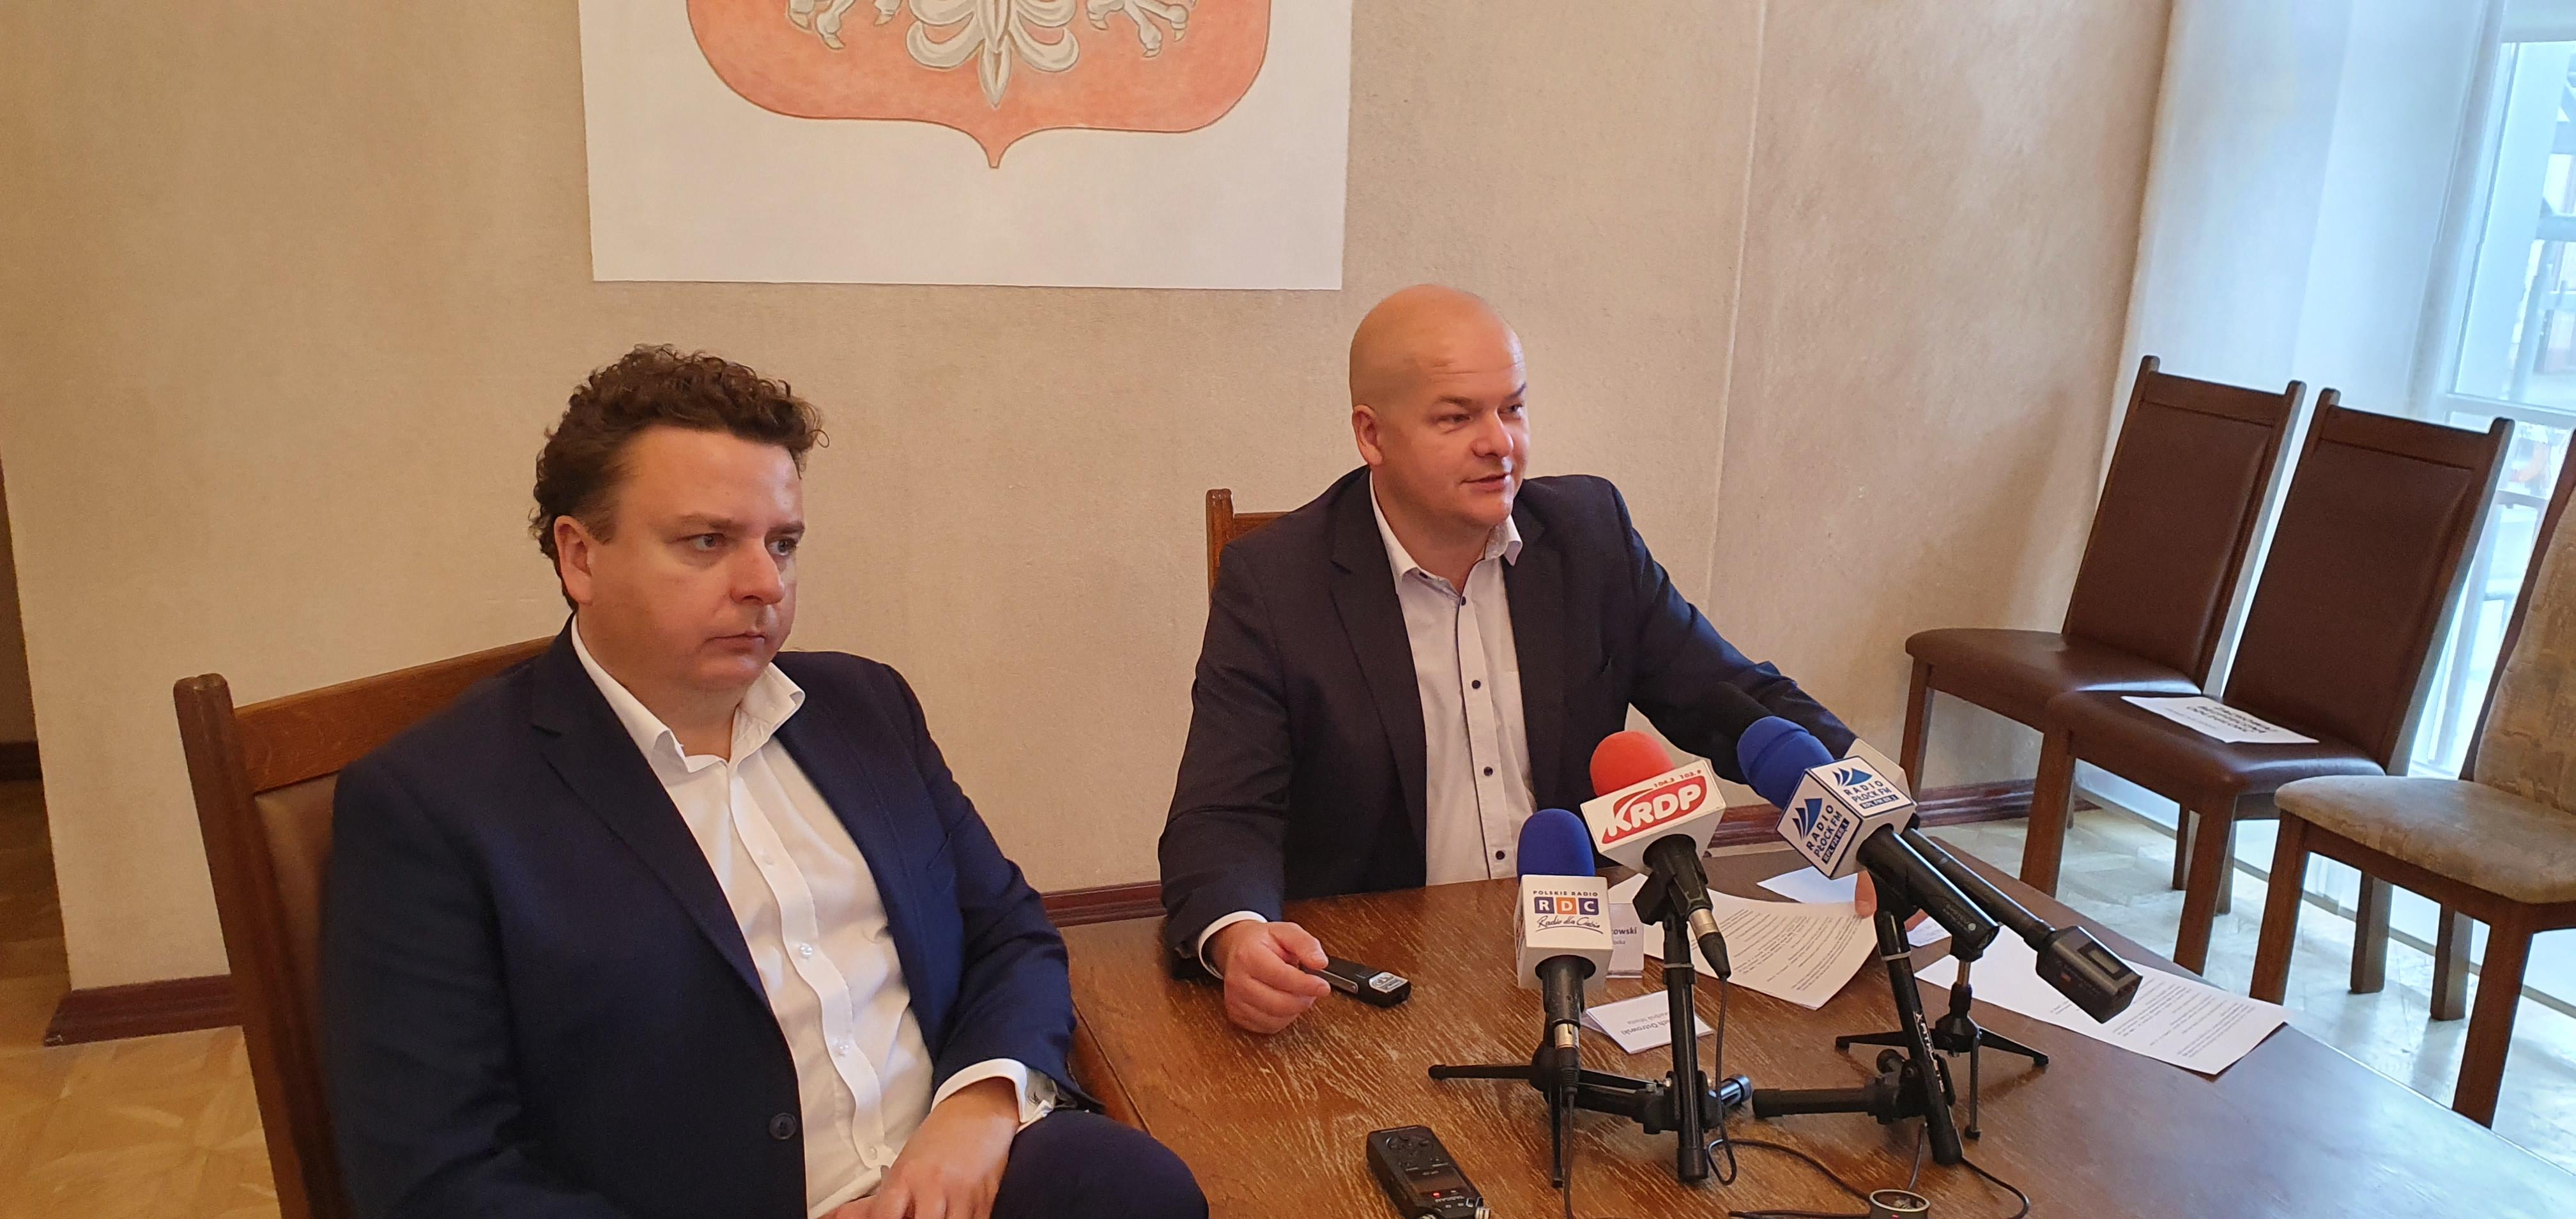 Jacek Terebus odchodzi z ratusza. Kto zostanie nowym wiceprezydentem? - Zdjęcie główne